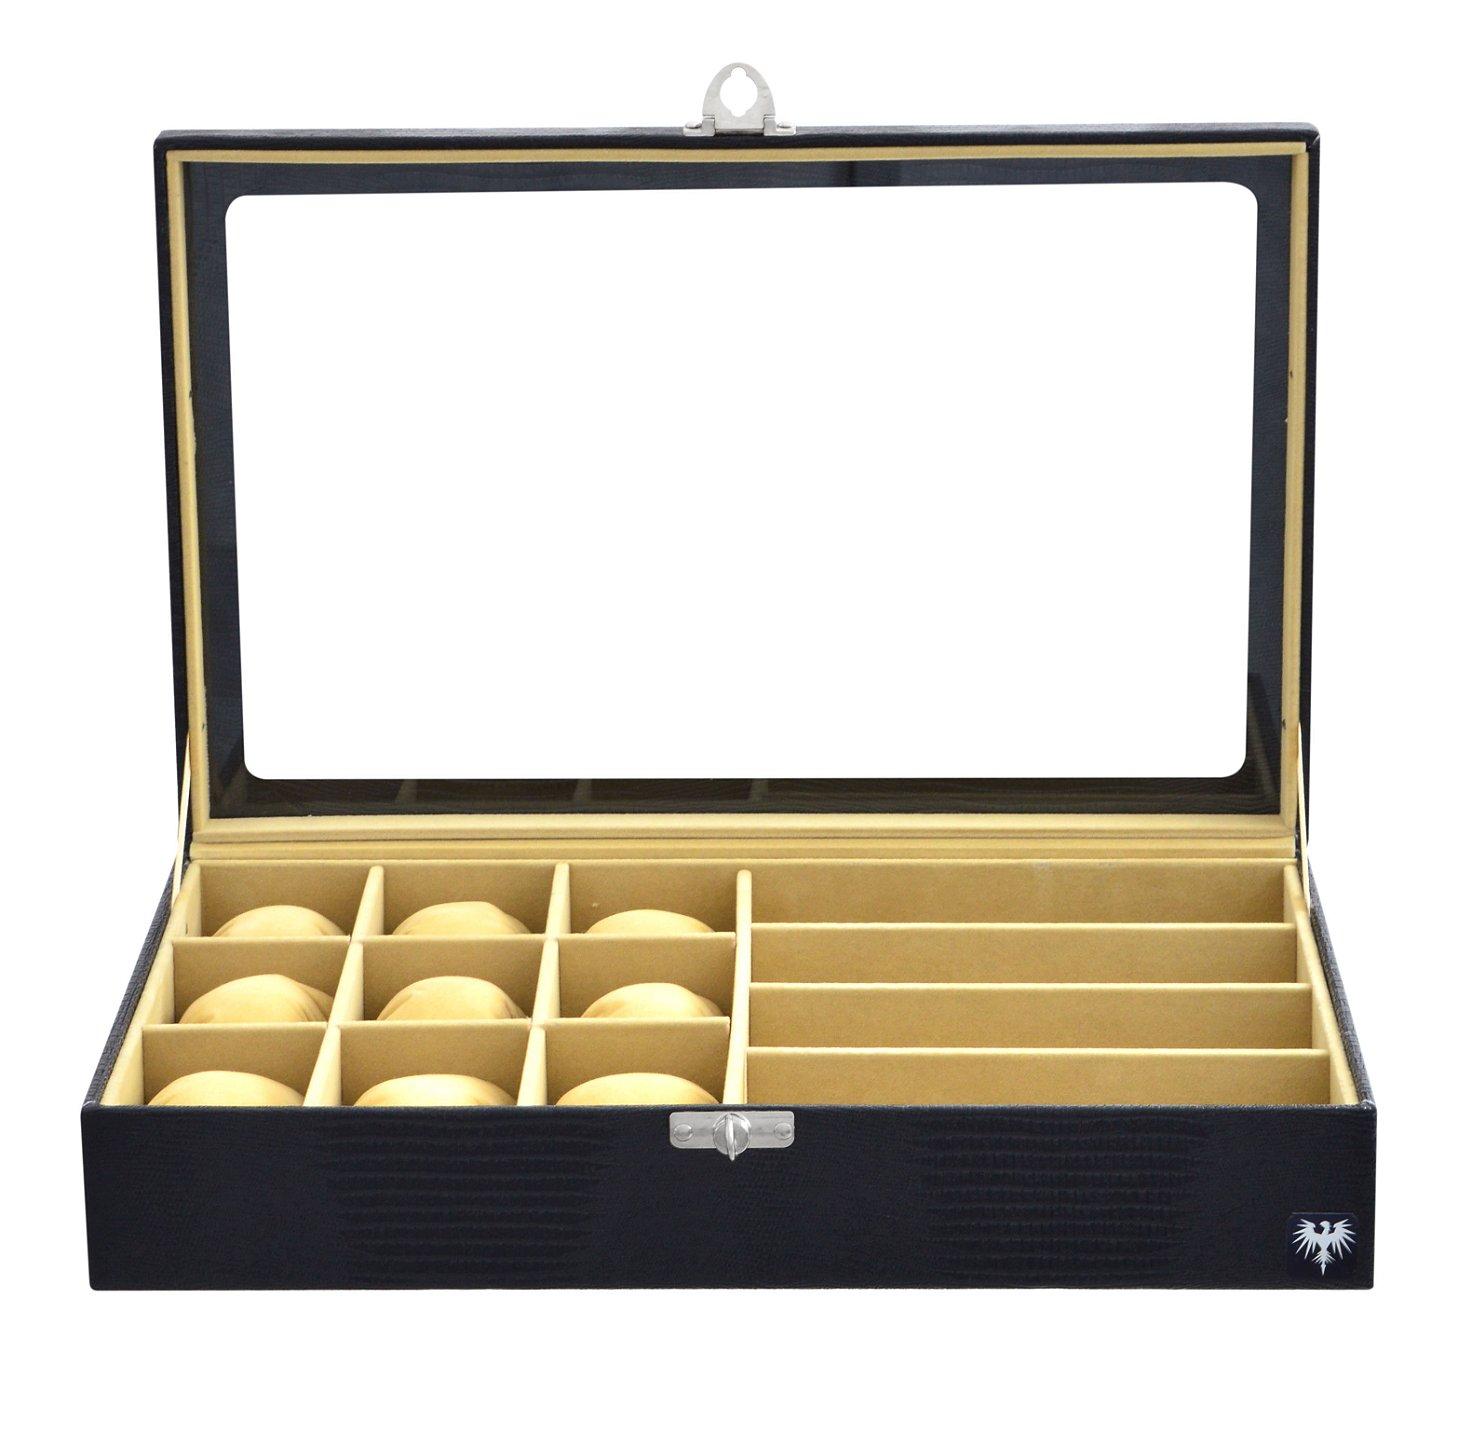 estojo-couro-eco-9-relogios-4-oculos-preto-bege-porta-caixa-imagem-9.jpg